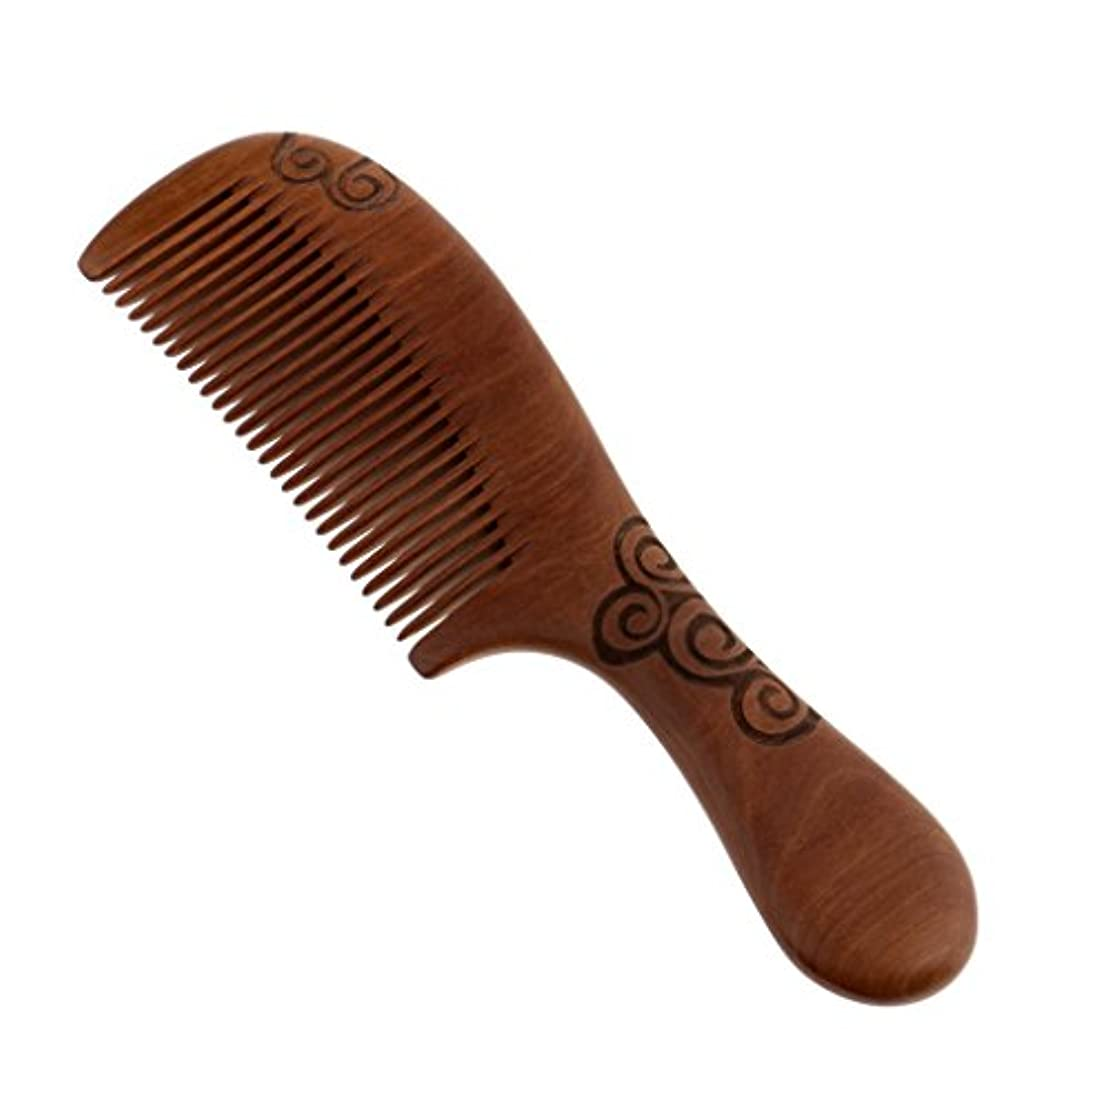 櫛 コーム くし コーム ヘアコーム 木製 ヘア櫛 頭皮マッサージ 耐熱性 帯電防止